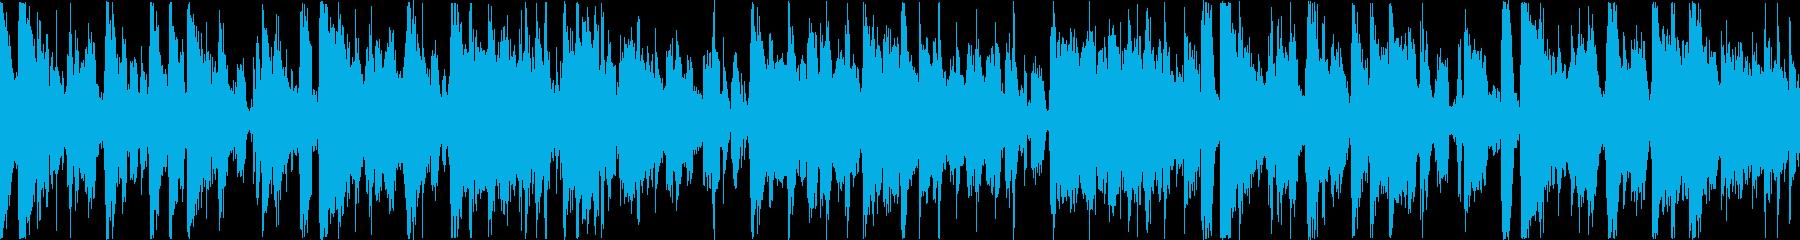 クールでリズミカルなファンクトラックの再生済みの波形